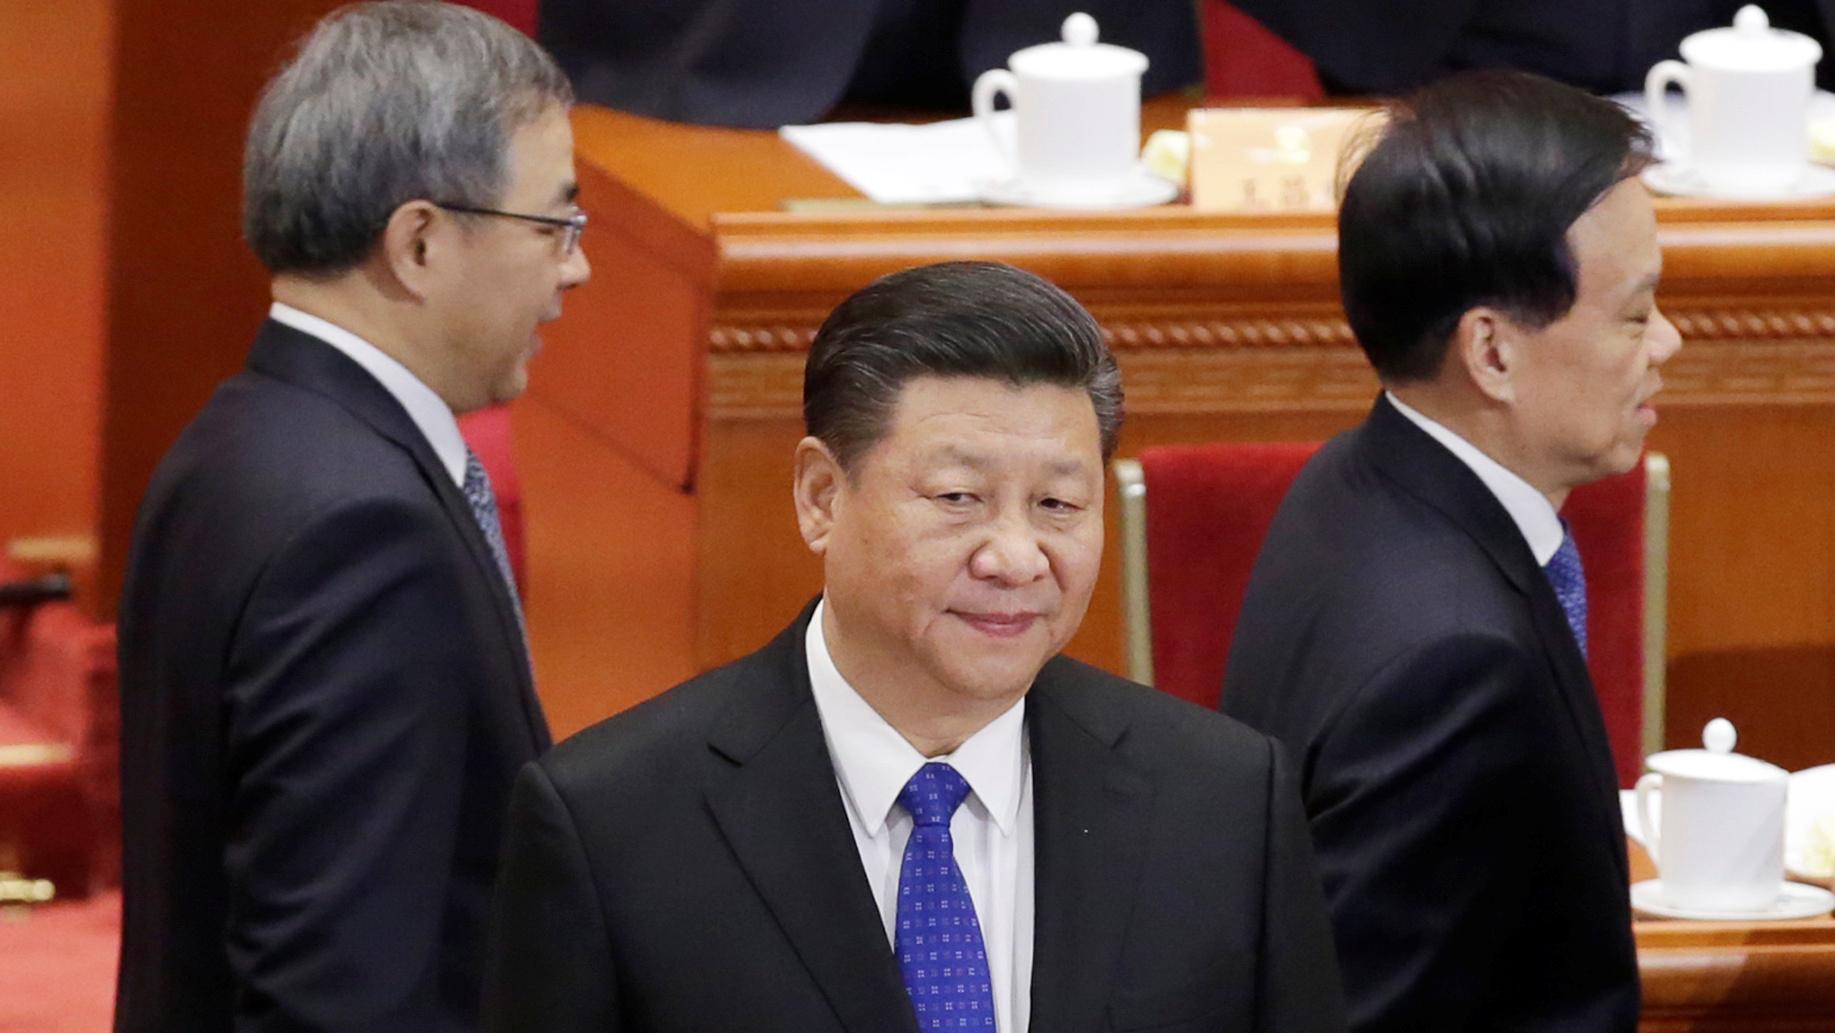 中国国家主席习近平(中)和国务院副总理胡春华(左)和重庆市委书记陈敏尔(右)。2019年3月15日习近平在胡春华和陈敏尔的陪同下访问重庆。(路透社)